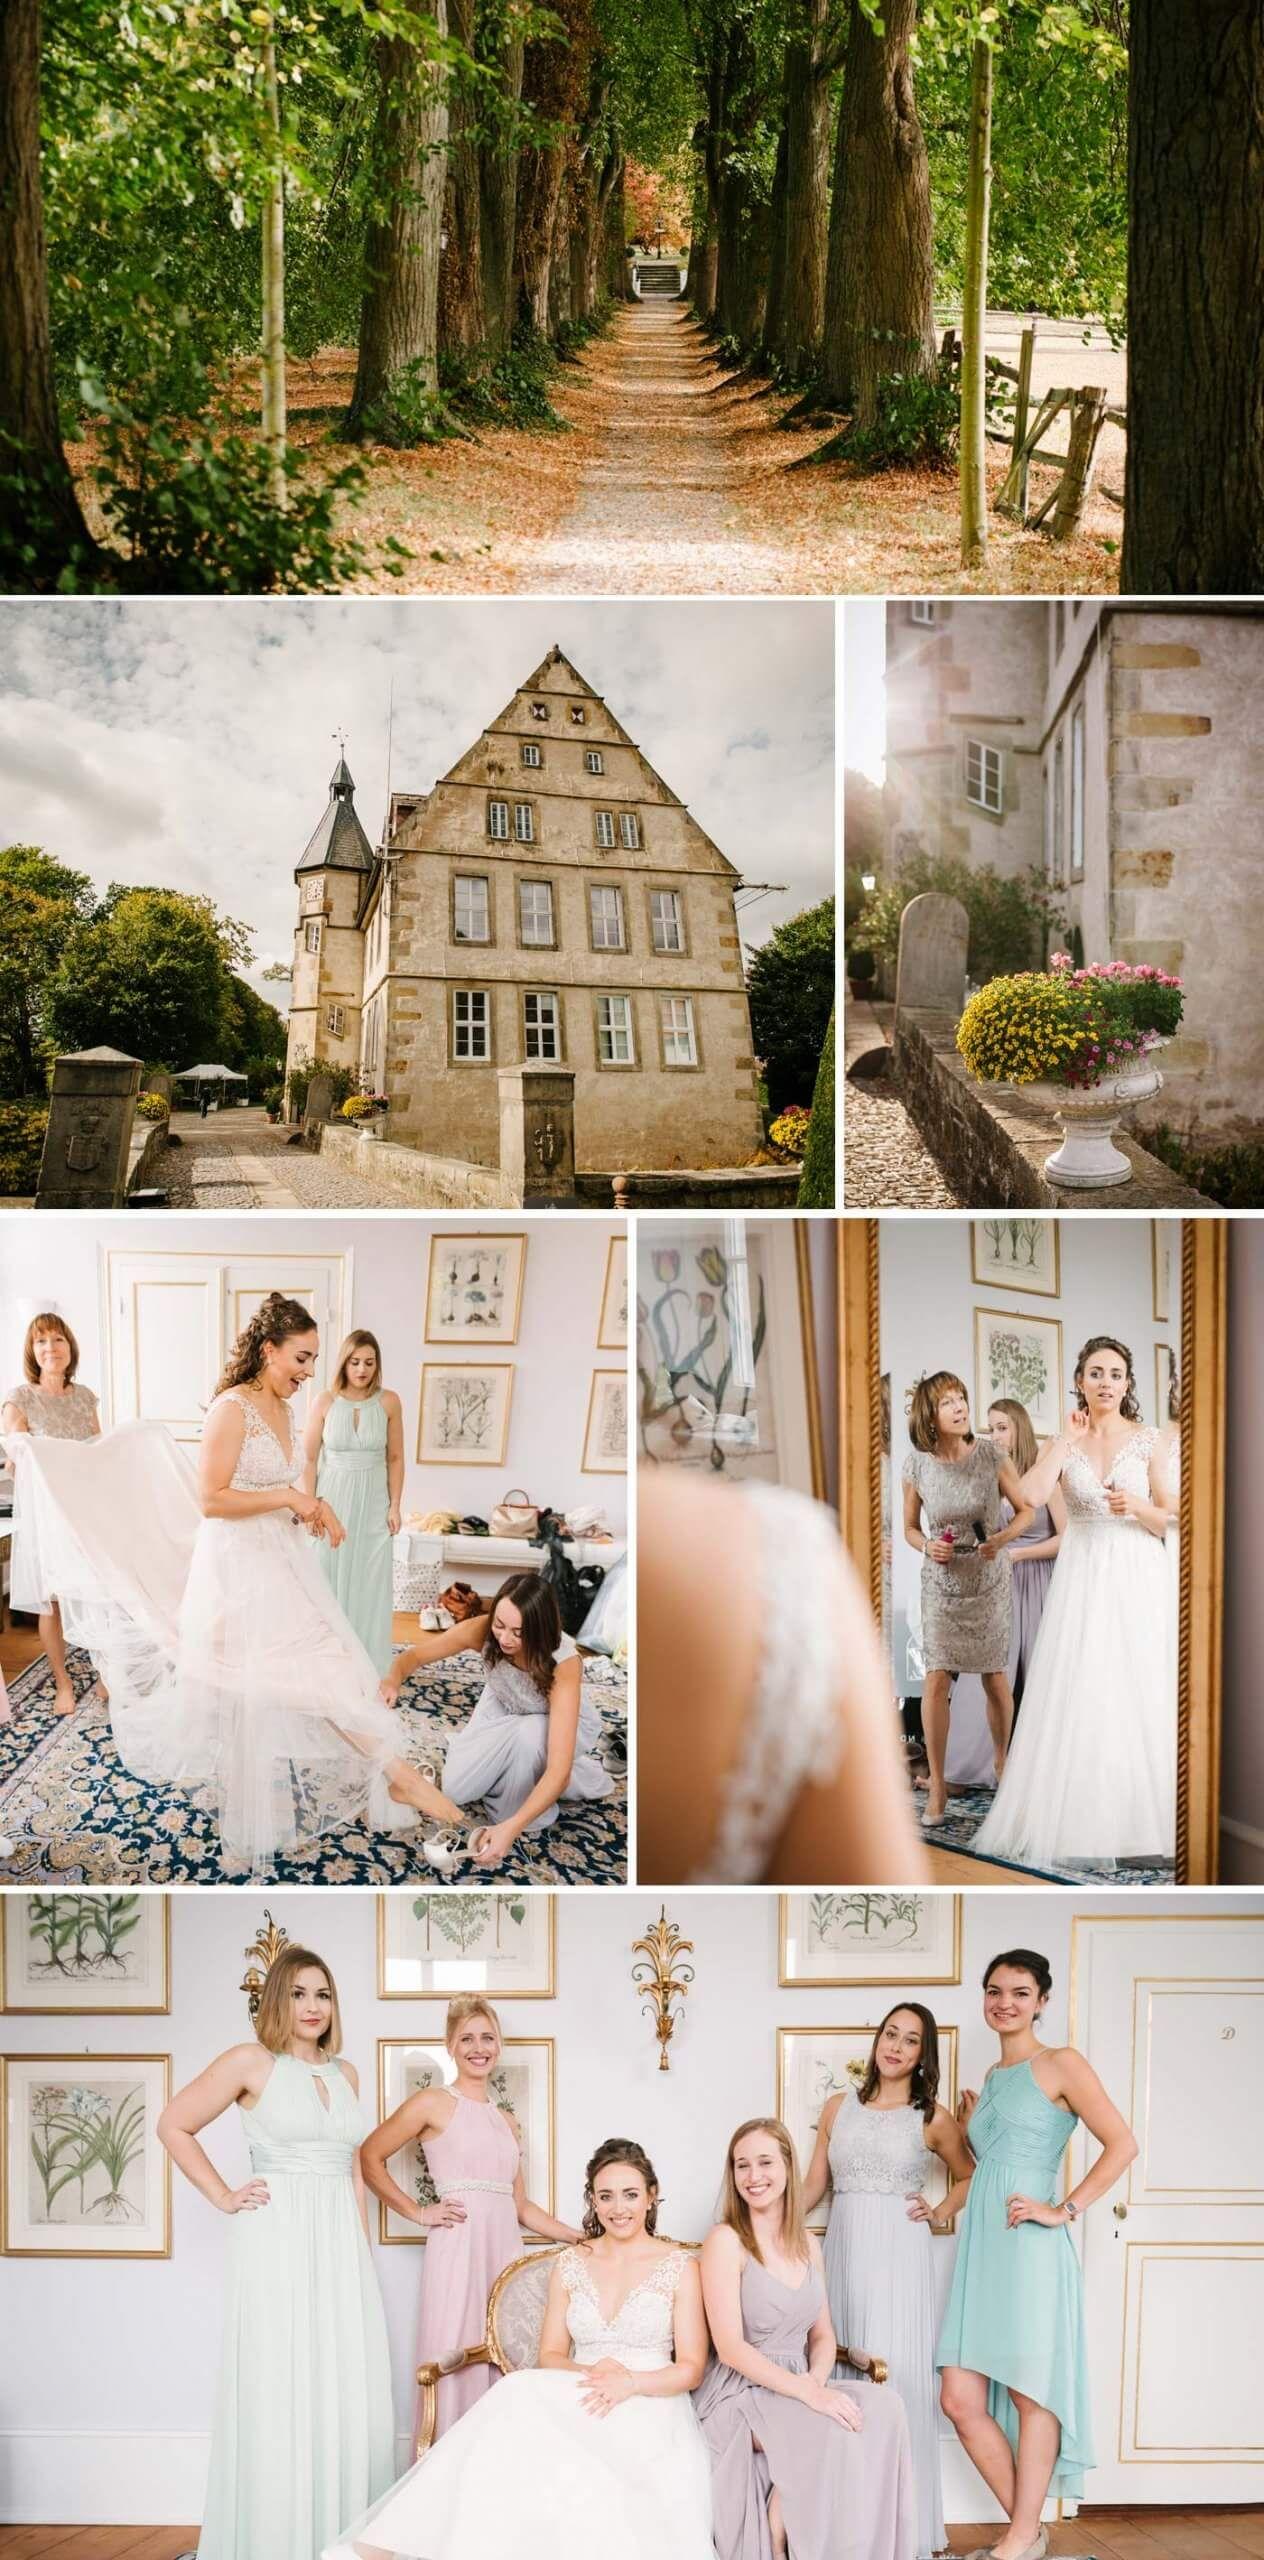 Schloss Von Hammerstein Hochzeit Inspirationen Zur Hochzeitslocation Hochzeitslocation Hochzeit Oktober Hochzeit